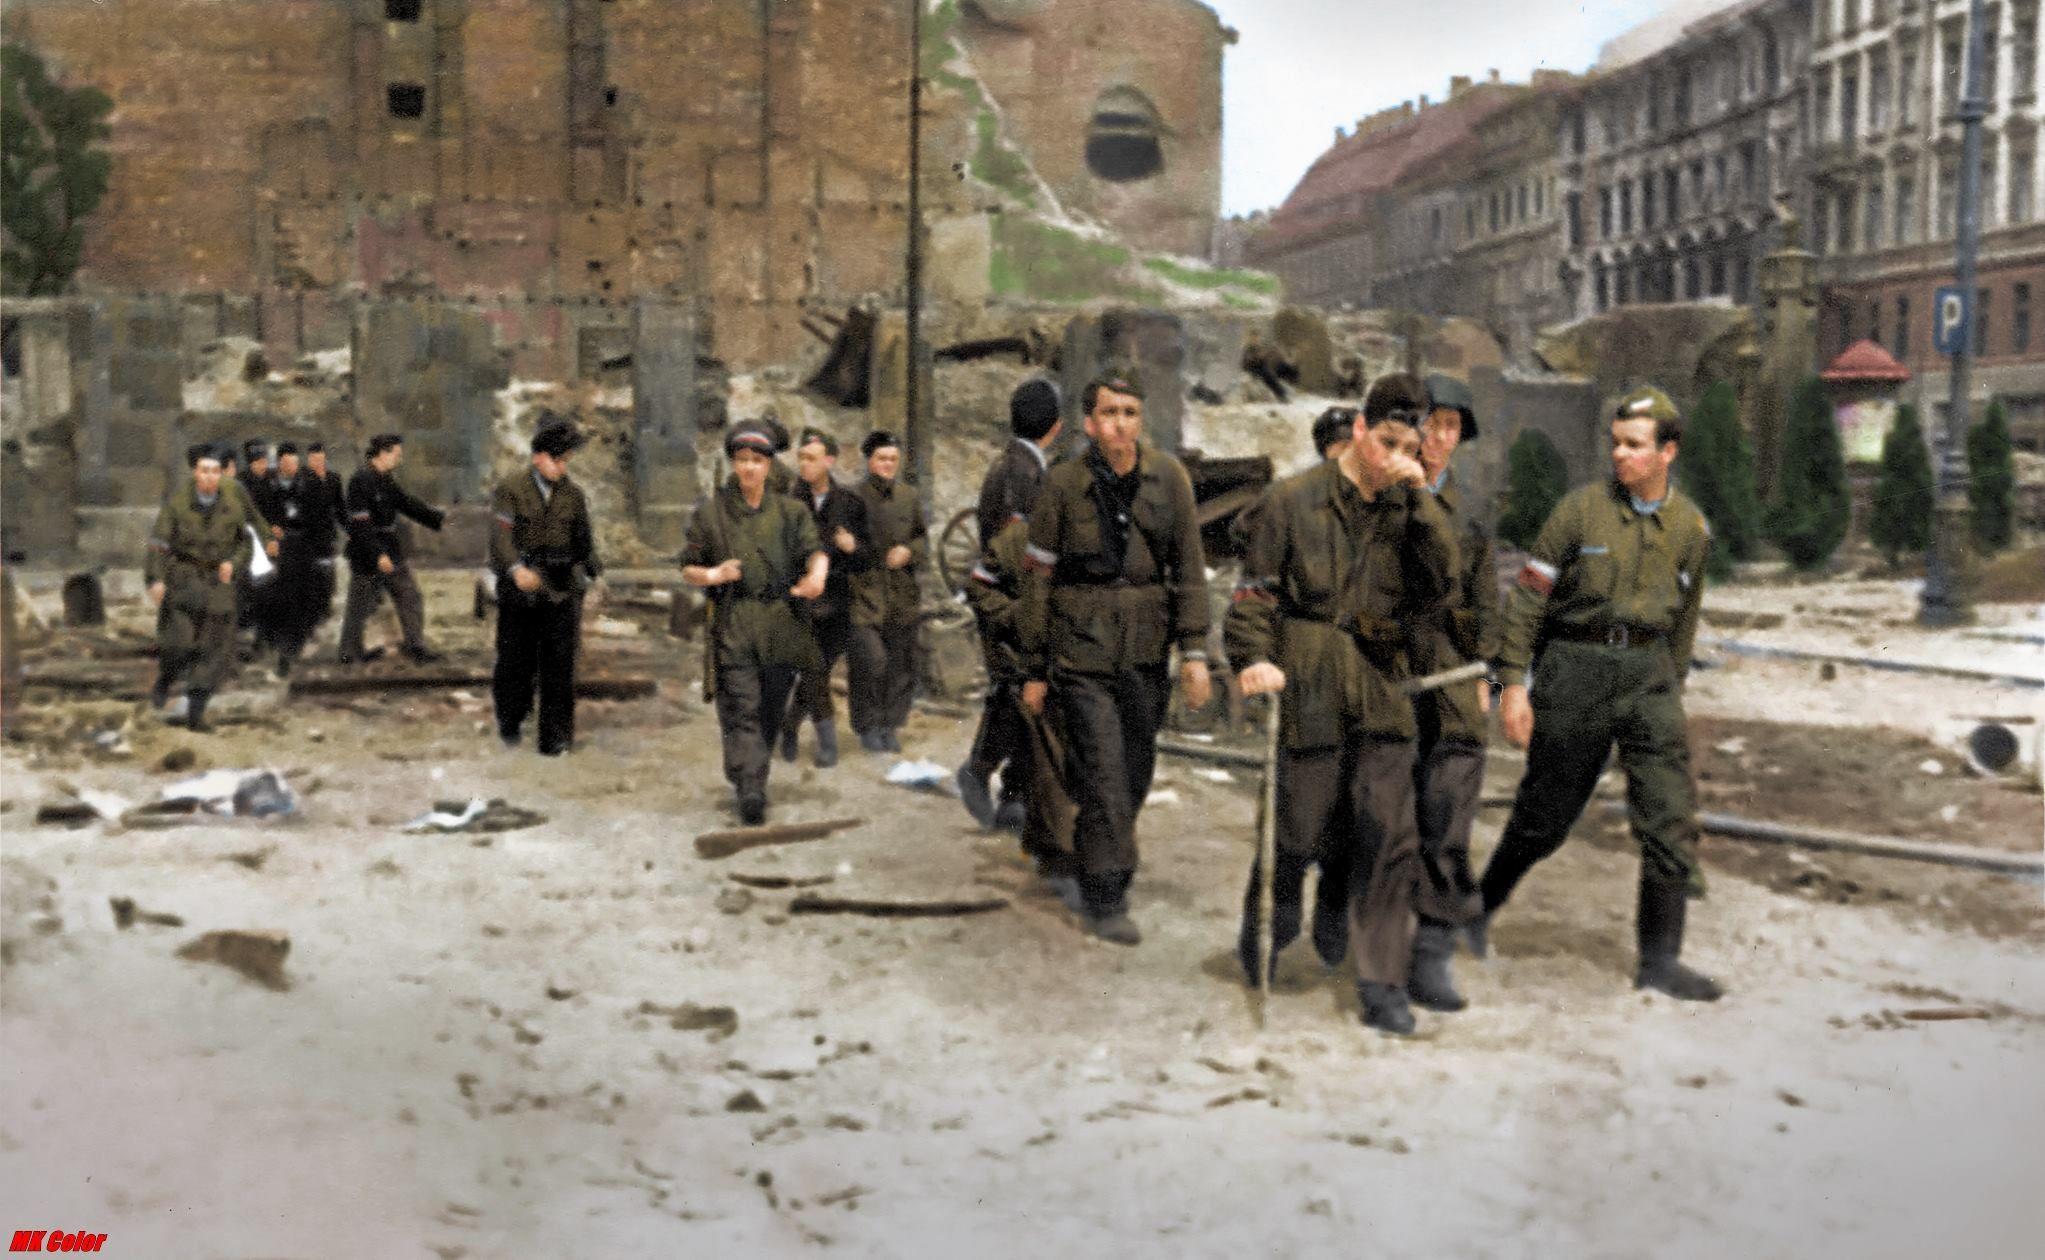 Powstanie Warszawskie 1944. Powstańcy w marszu. https://www.facebook.com/KolorHistorii/photos/a.659360804233671.1073741828.658267651009653/730981220404962/?type=3&theater